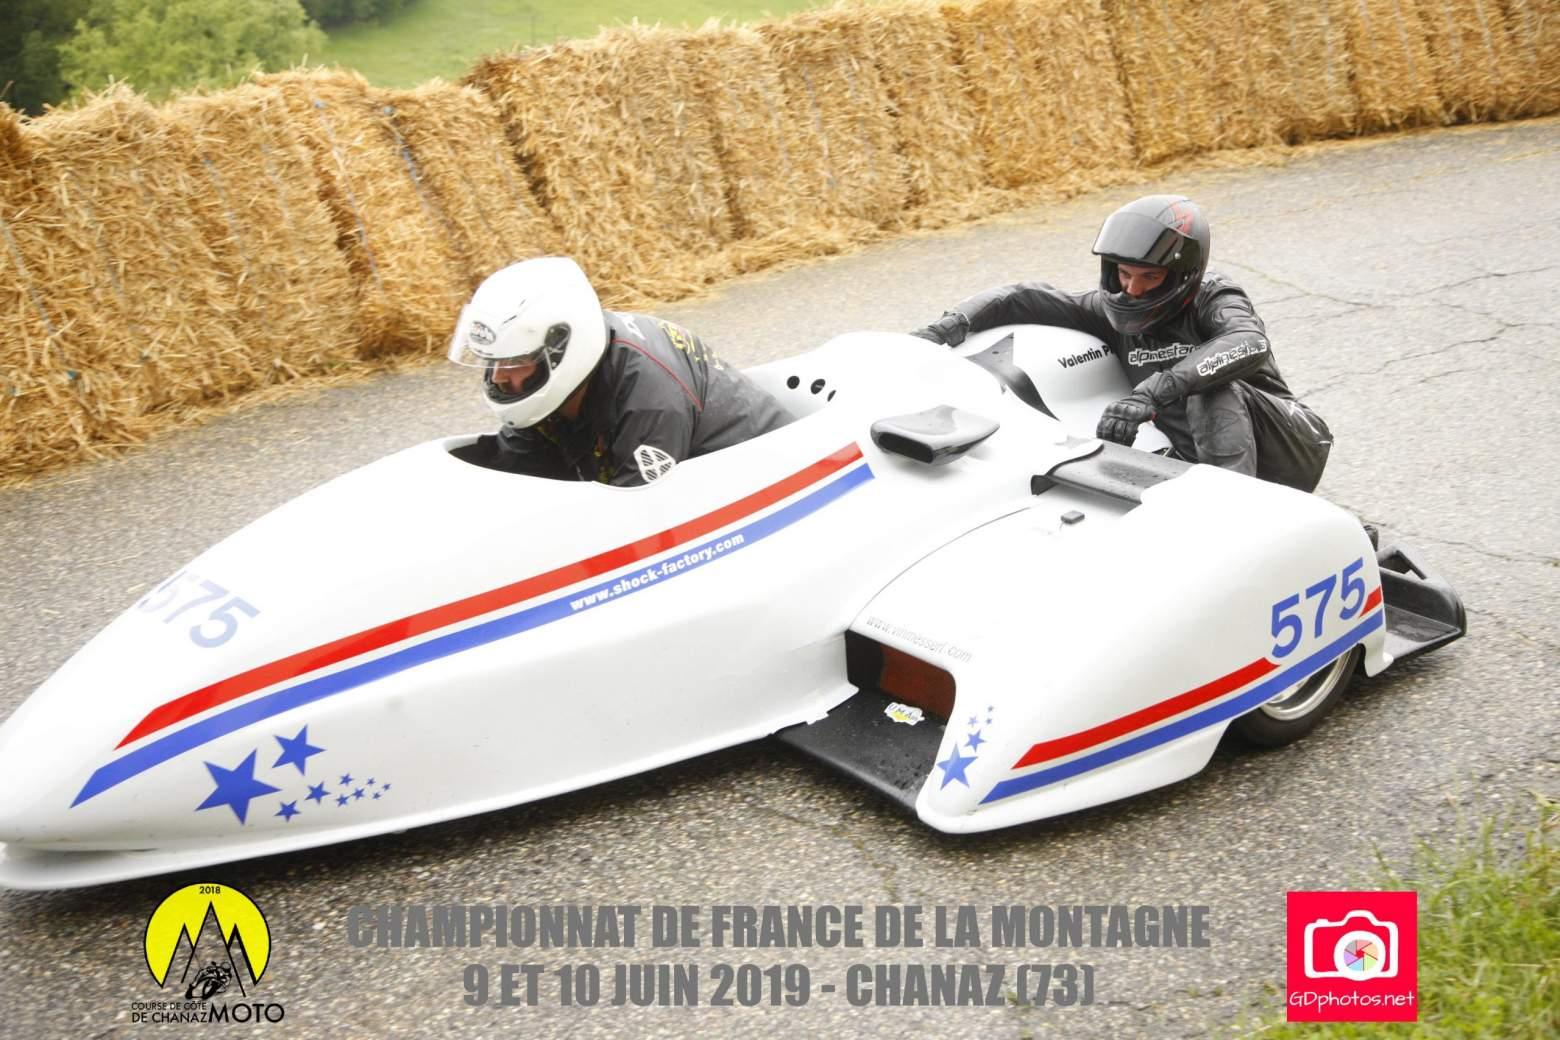 Championnat de France de la Montagne 2021